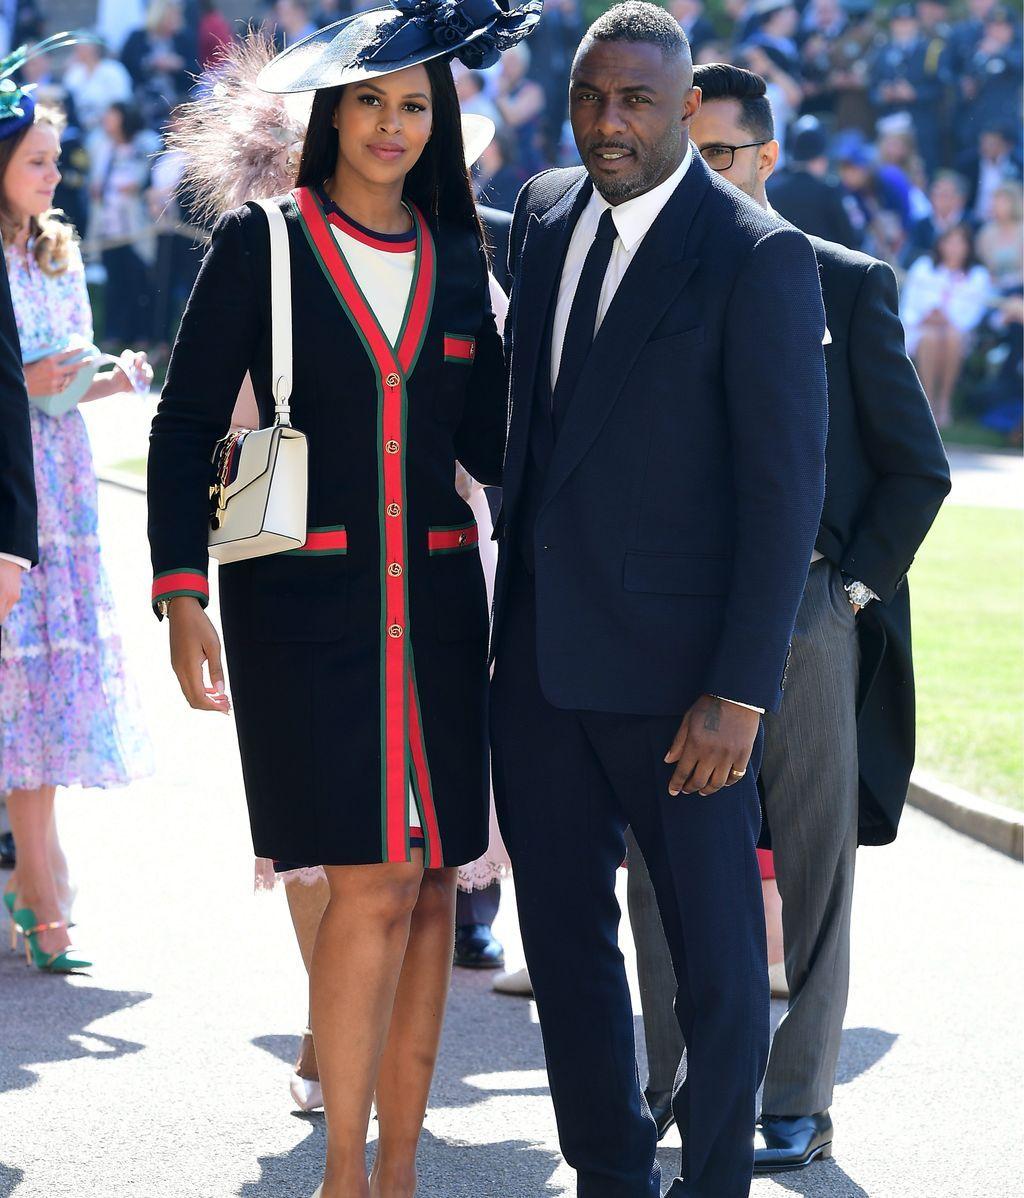 El actor Idris Elba y su chica,  Sabrina Dhowre